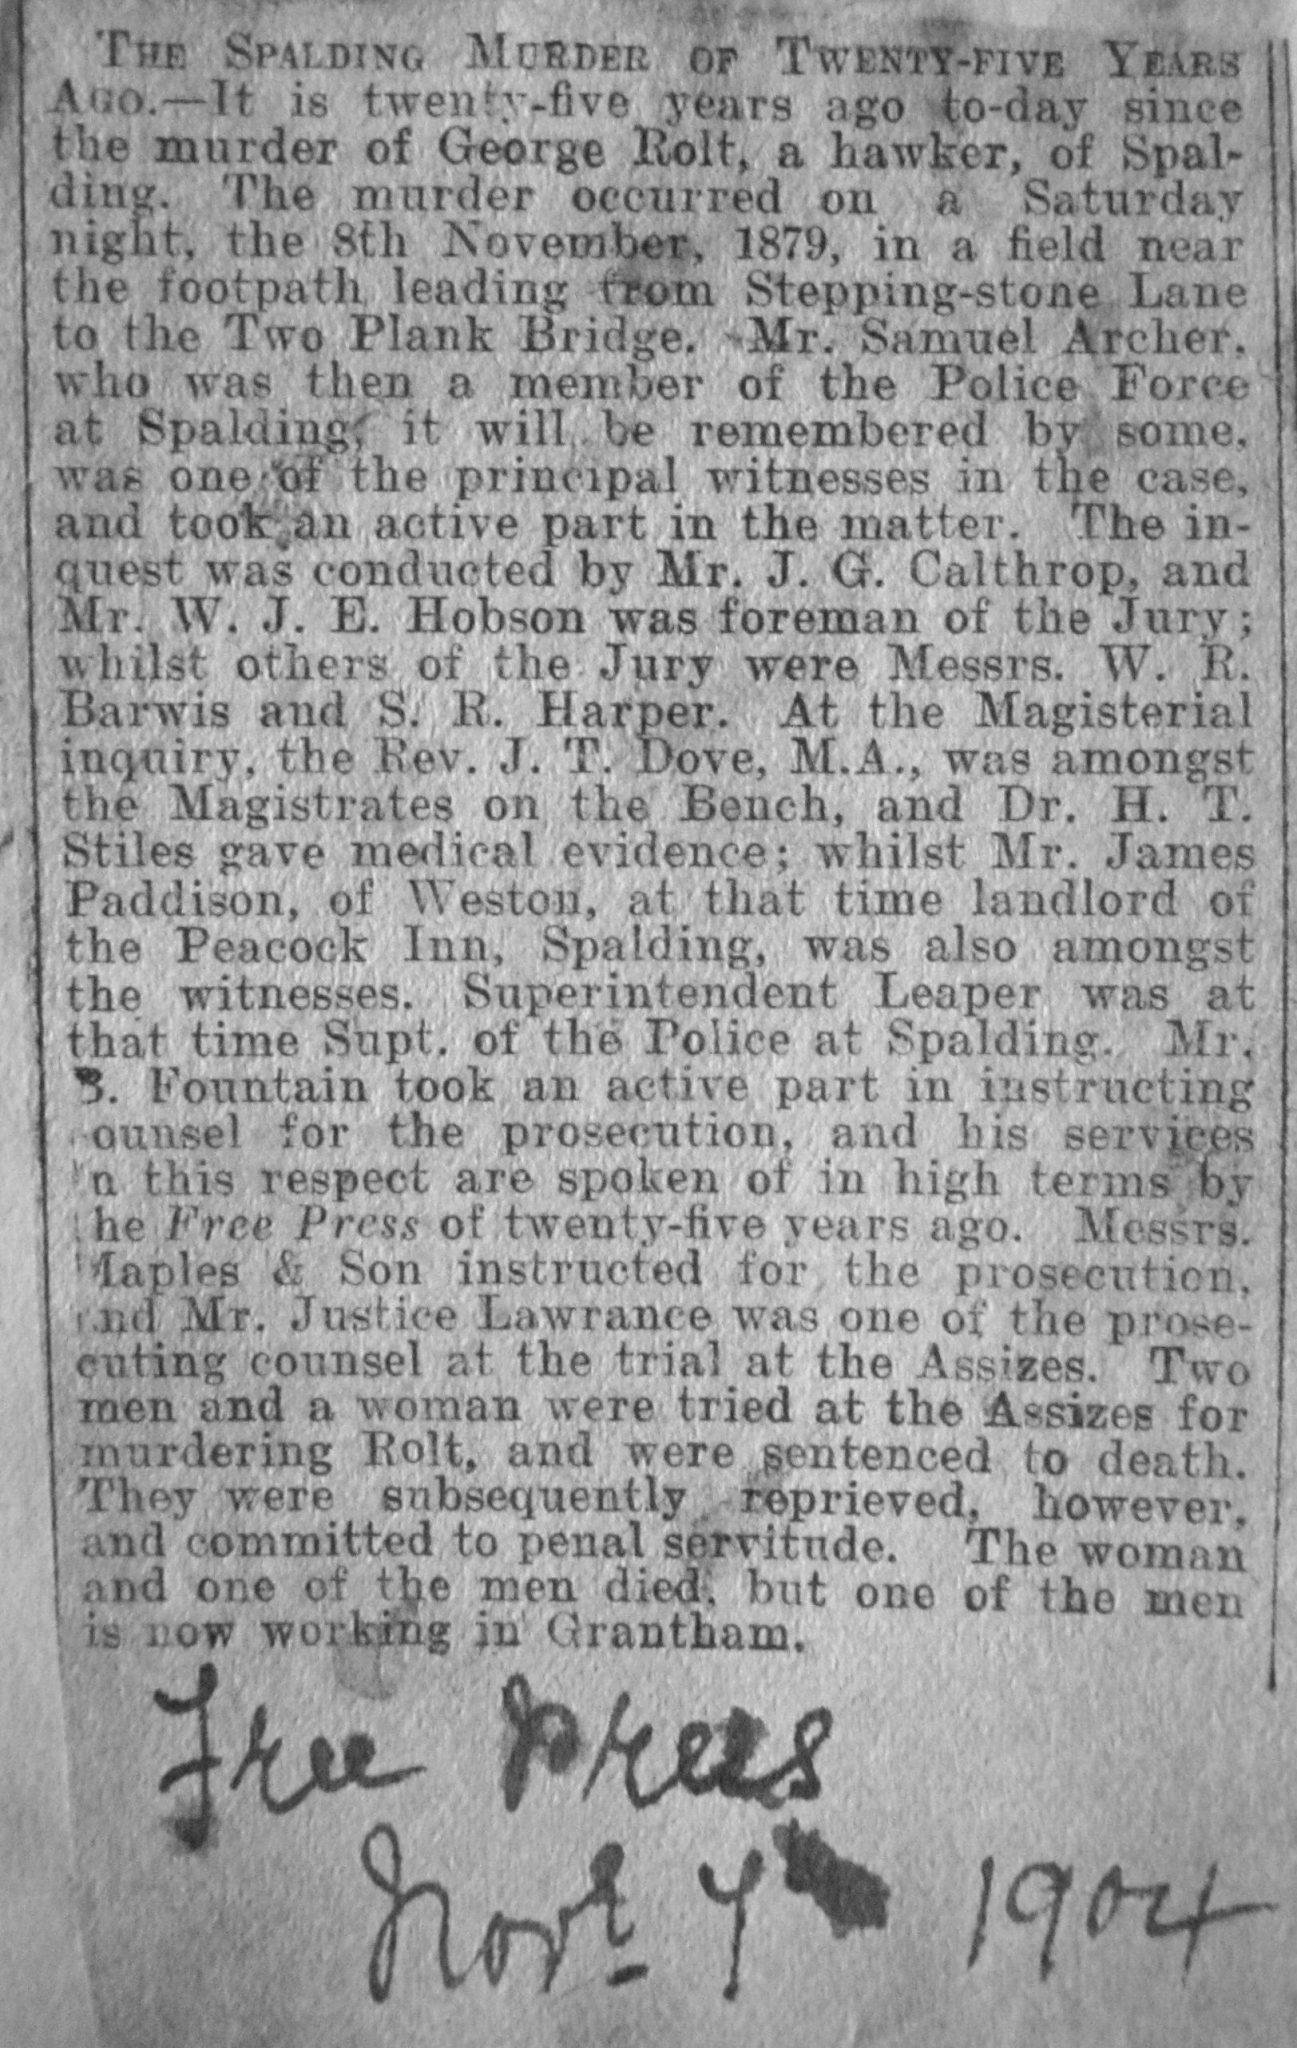 A Spalding Murder  1879